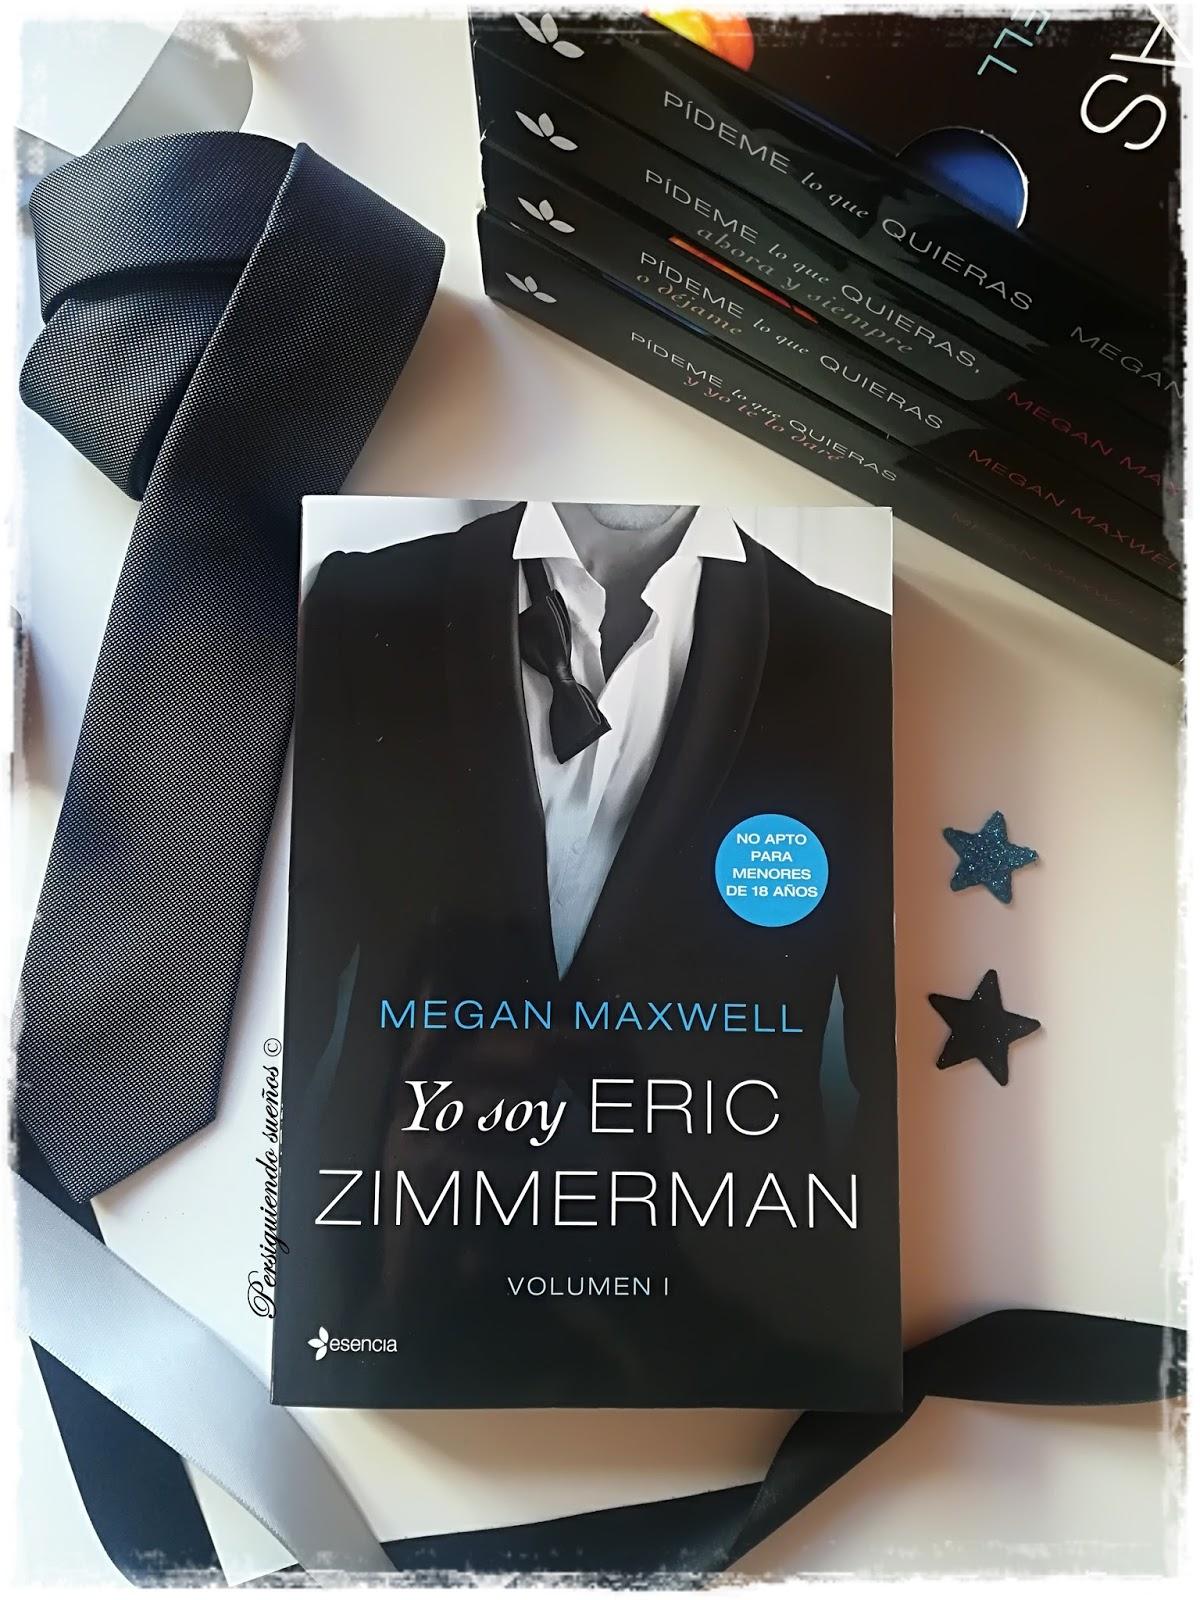 Persiguiendo sueños: Reseña Yo soy Eric Zimmerman (¡con